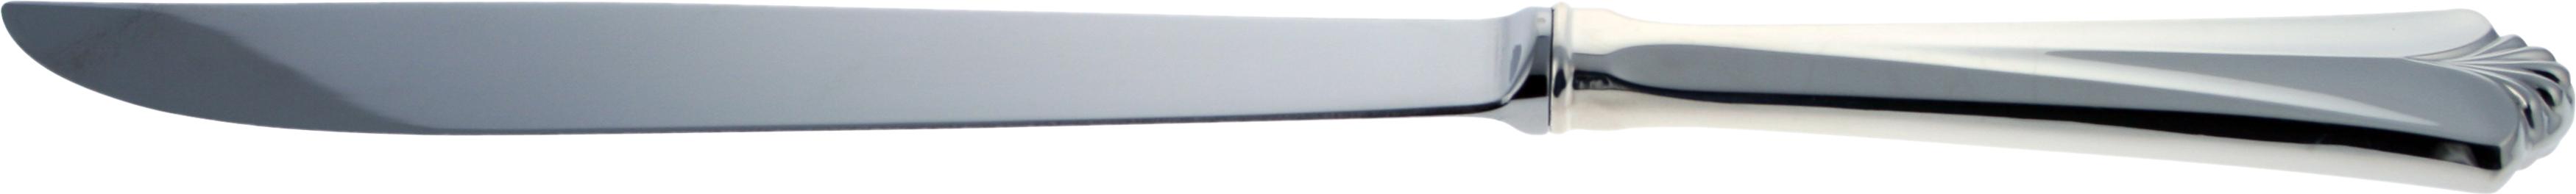 Forskjærskniv, Rådhus vifte sølvbestikk